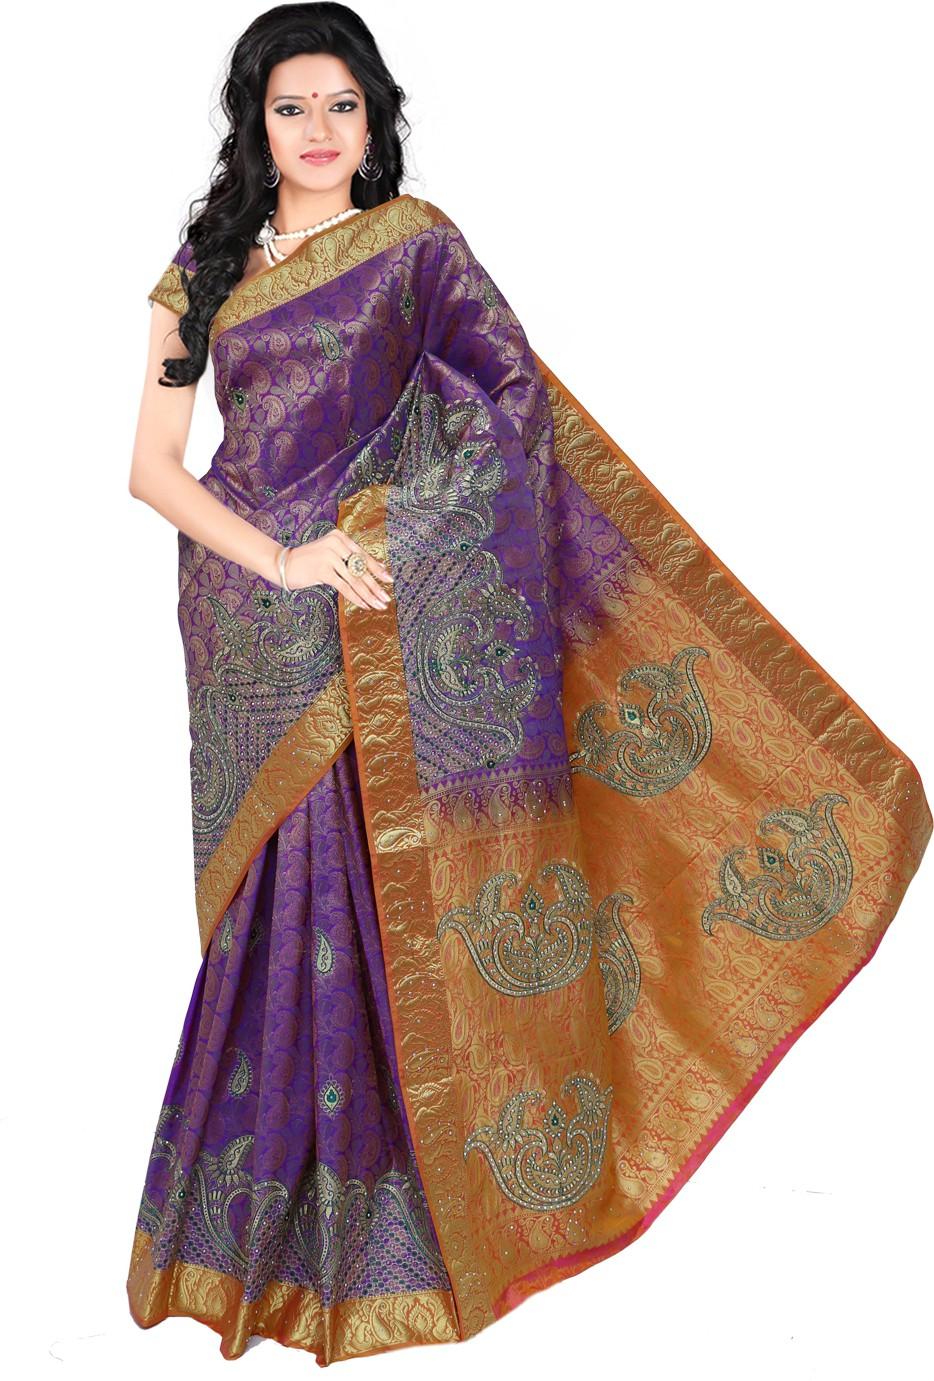 Roopkala Silks Embellished Dharmavaram Brocade Saree(Purple)